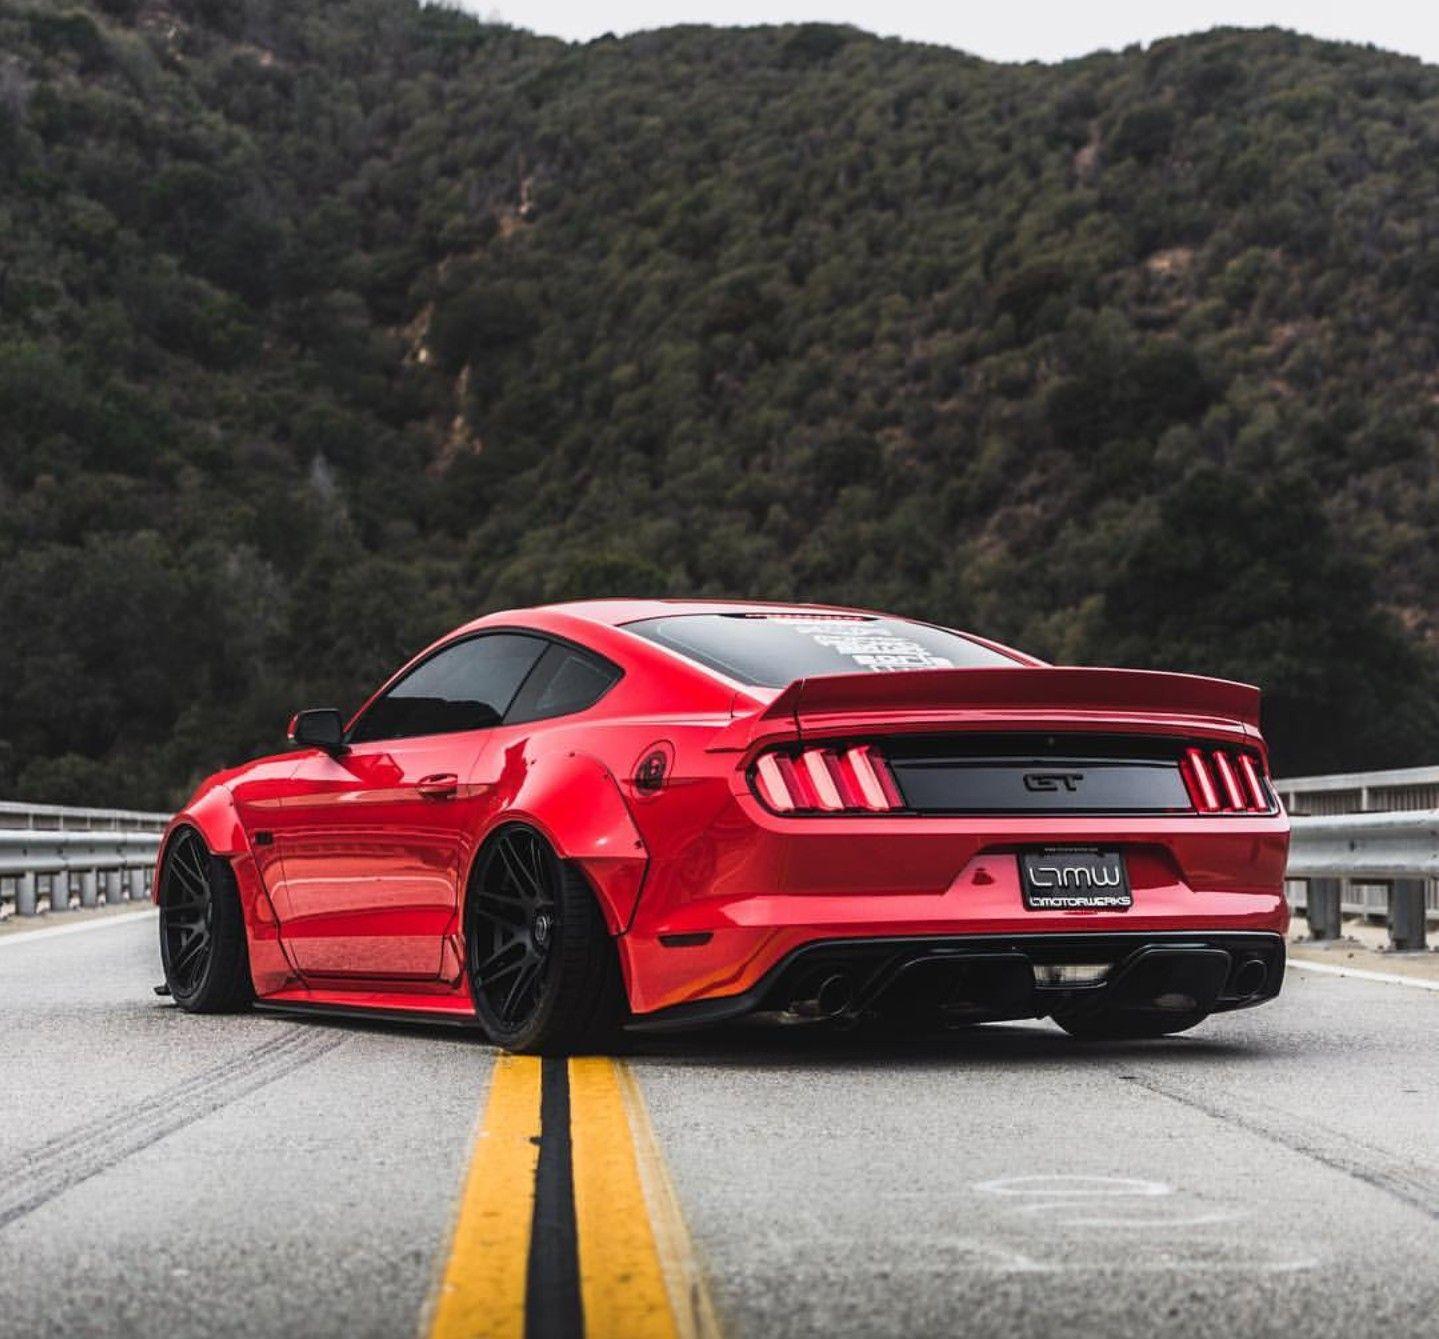 Ford Car Wallpaper: Bad-ass Liberty Walk Ford Mustang